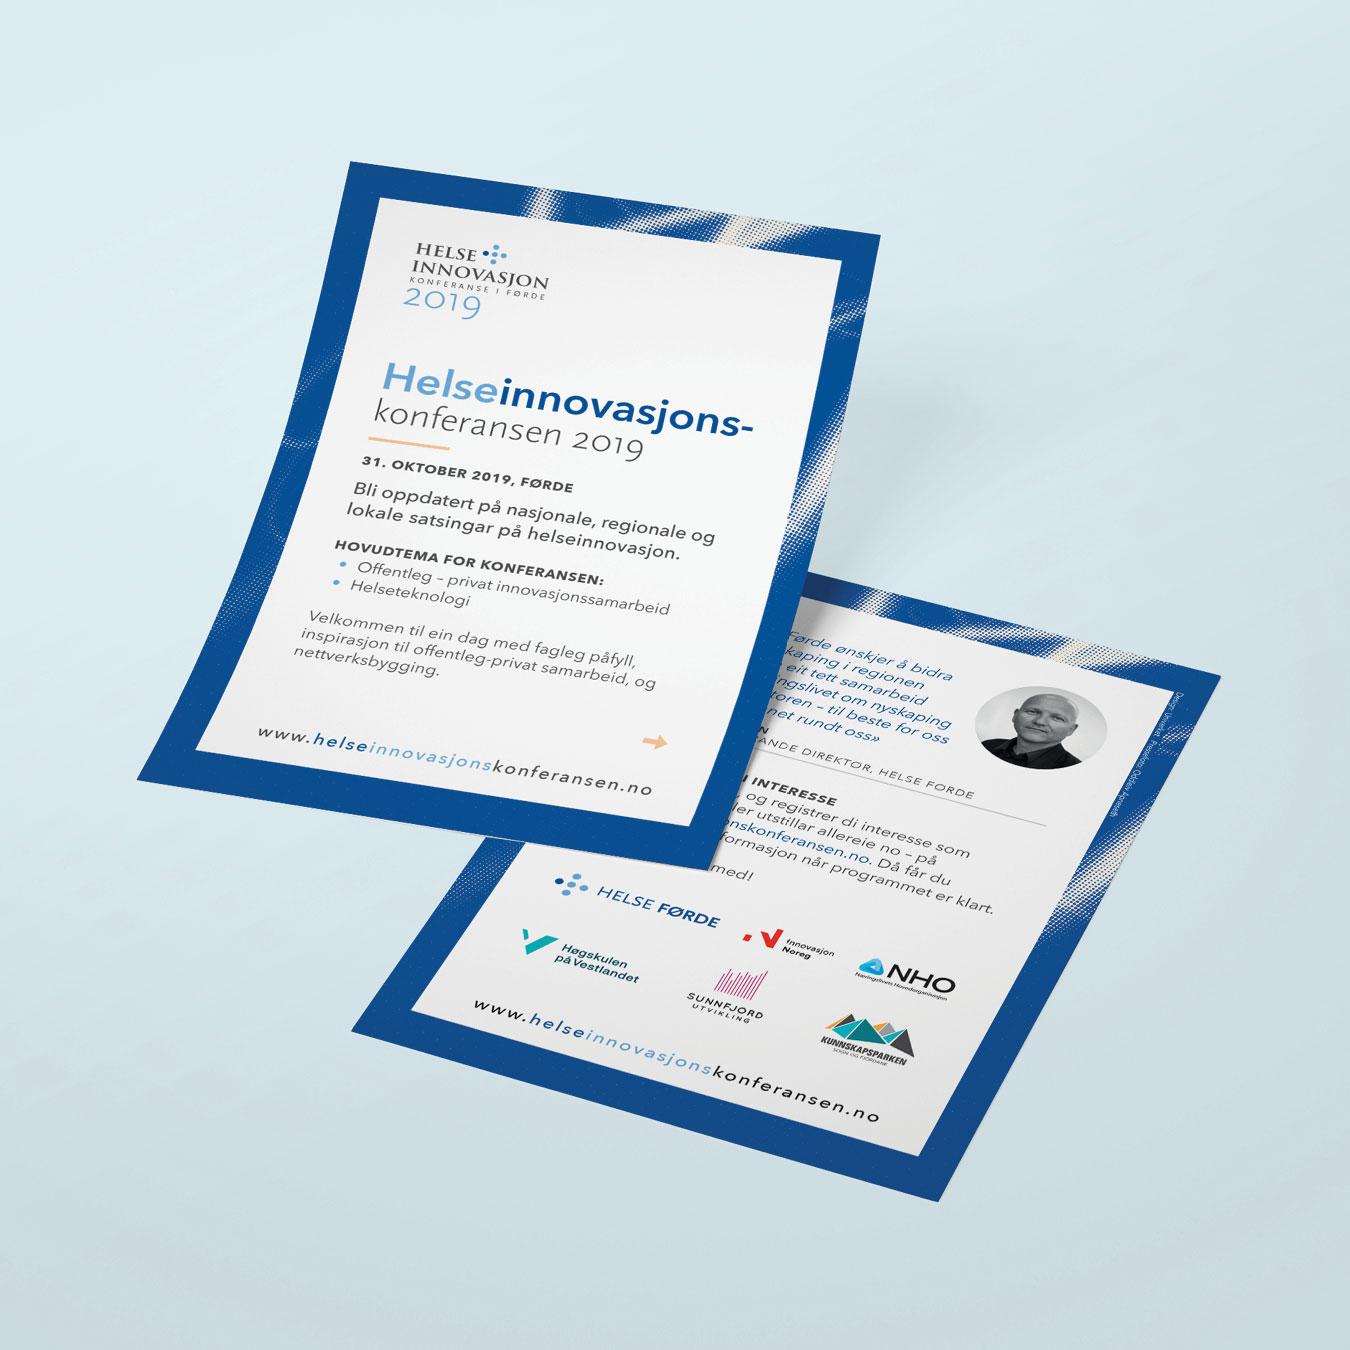 Helseinnovasjonskonferansen